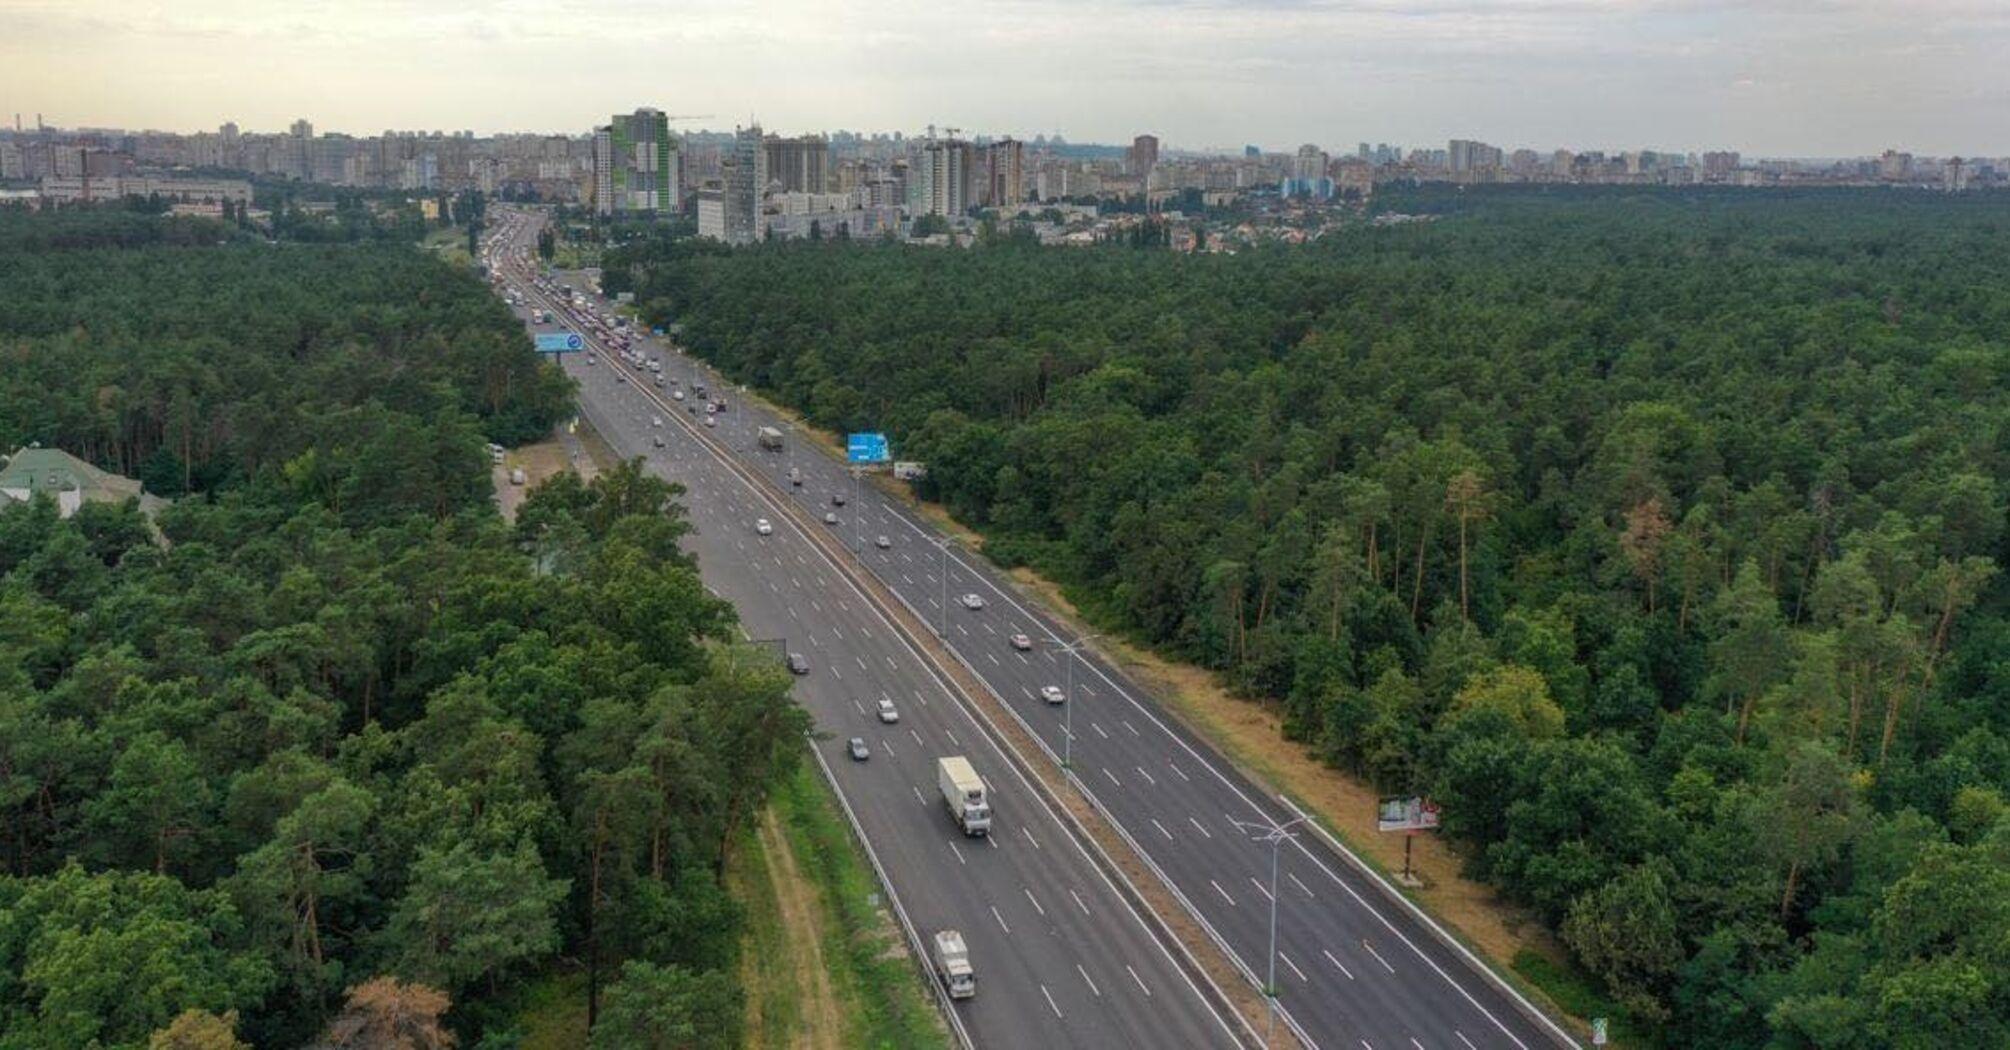 Траса Київ – Бориспіль повністю відкрита після реконструкції